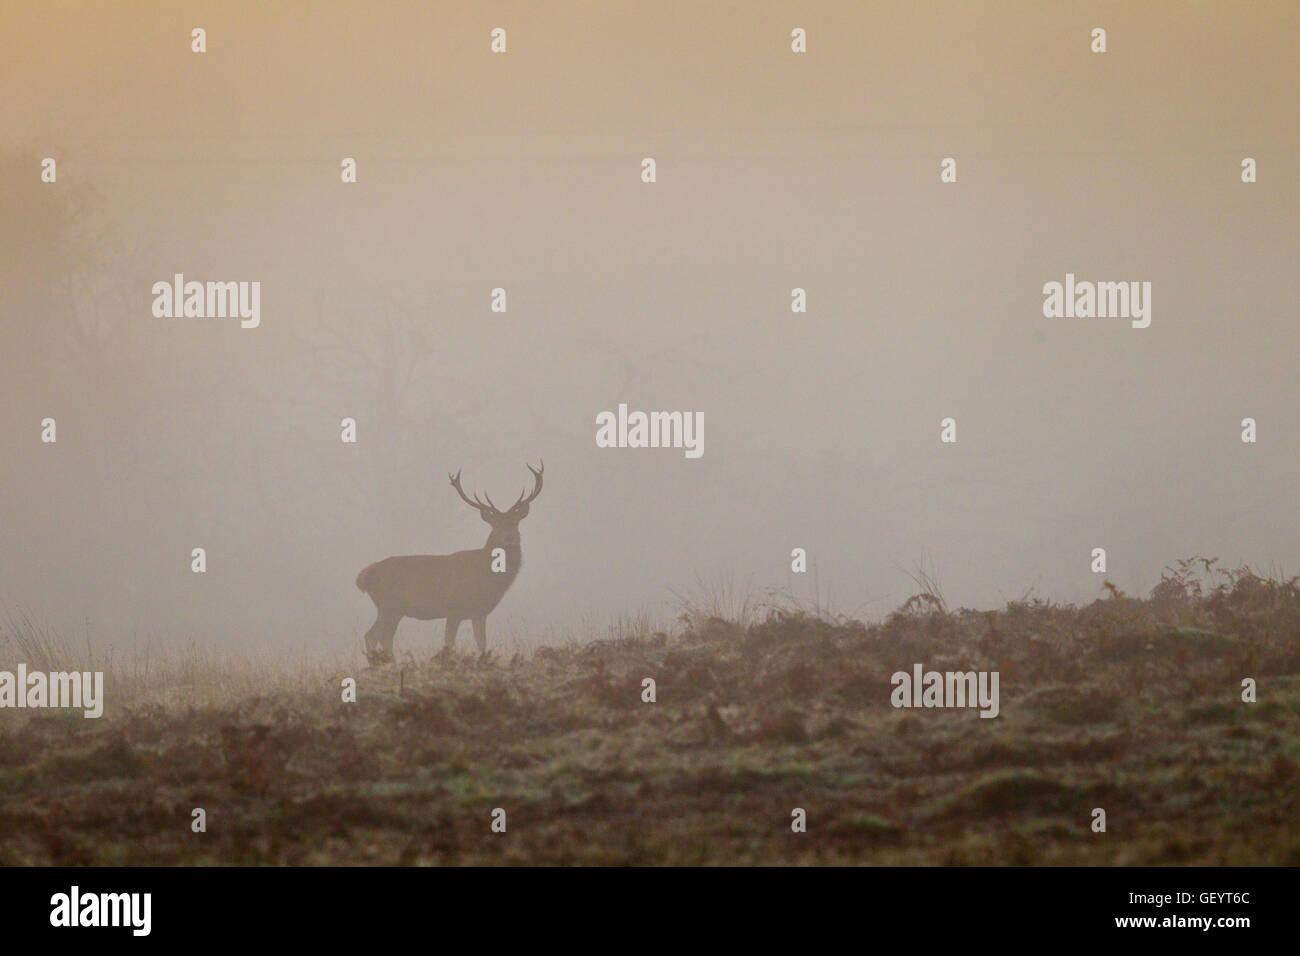 Red Deer in Autumn mist - Stock Image